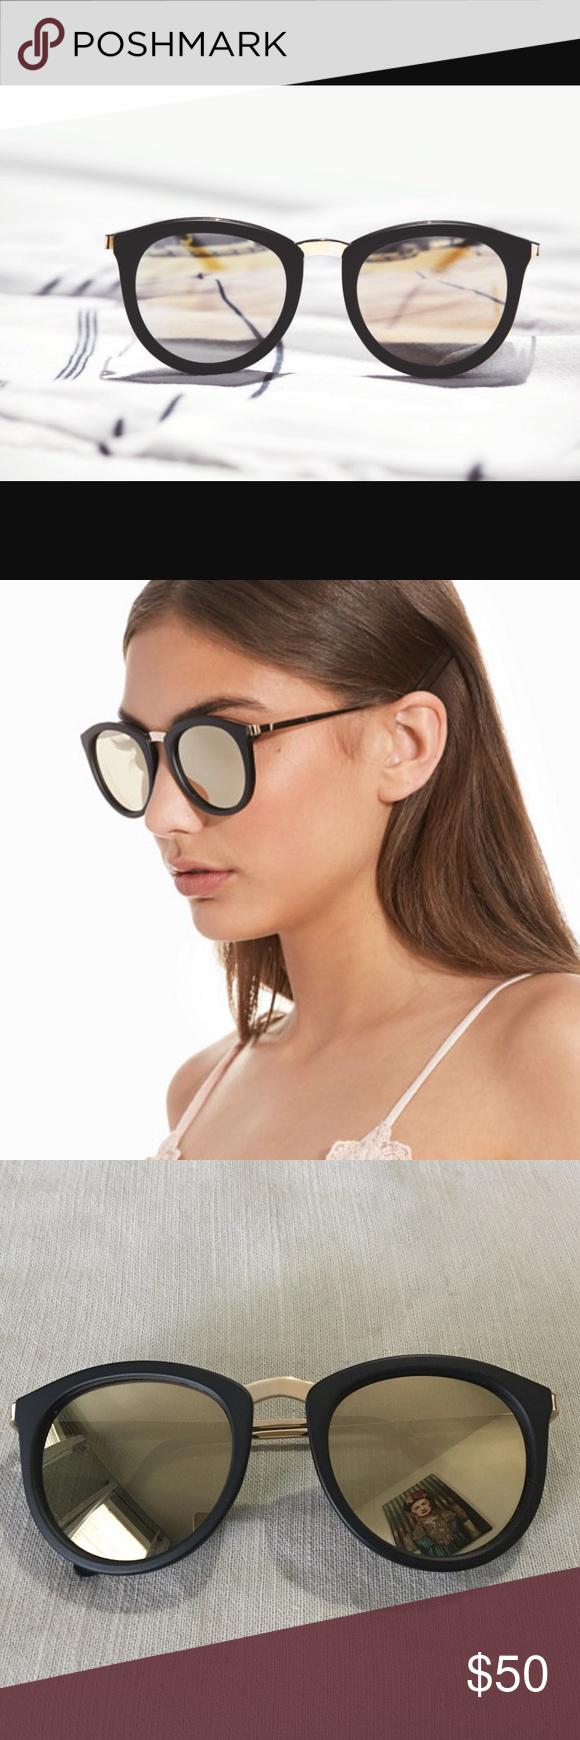 0816a5233e1 Le Specs